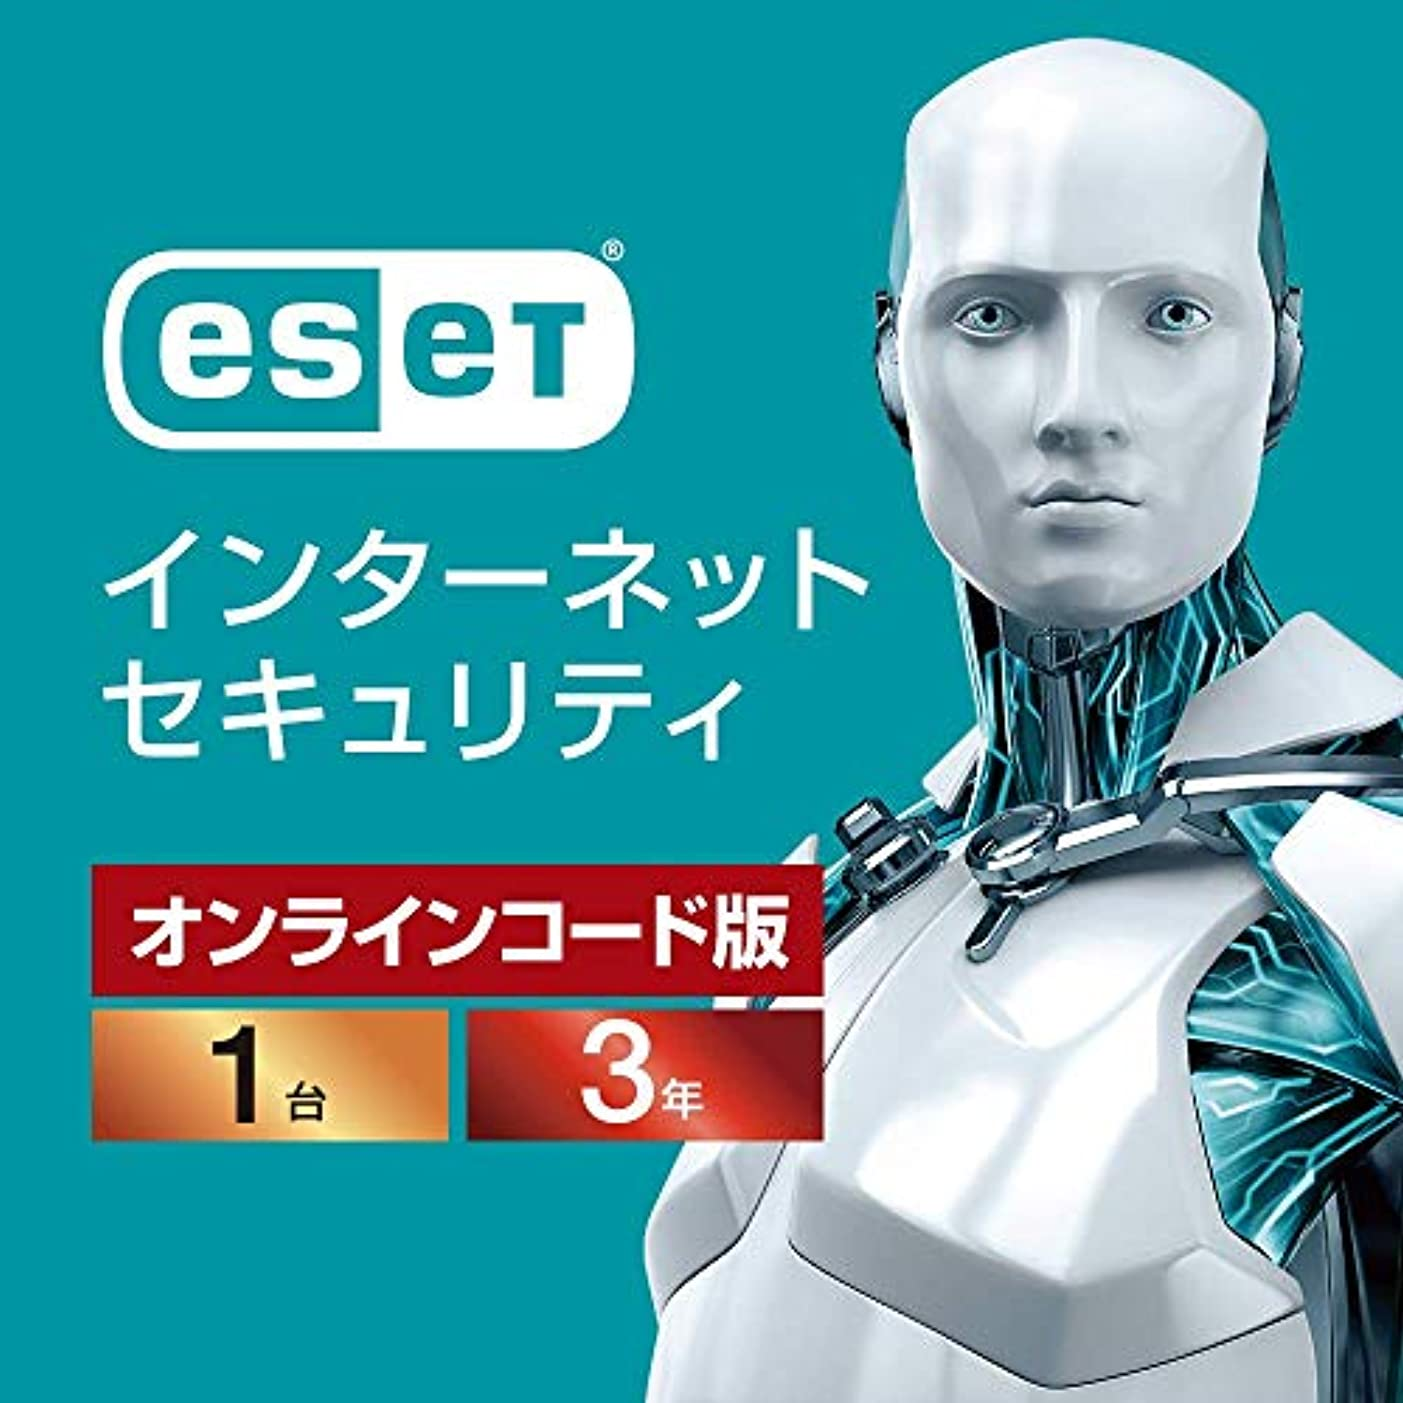 真向こう姓スキニーESET インターネット セキュリティ(最新)|1台3年|オンラインコード版|Win/Mac/Android対応